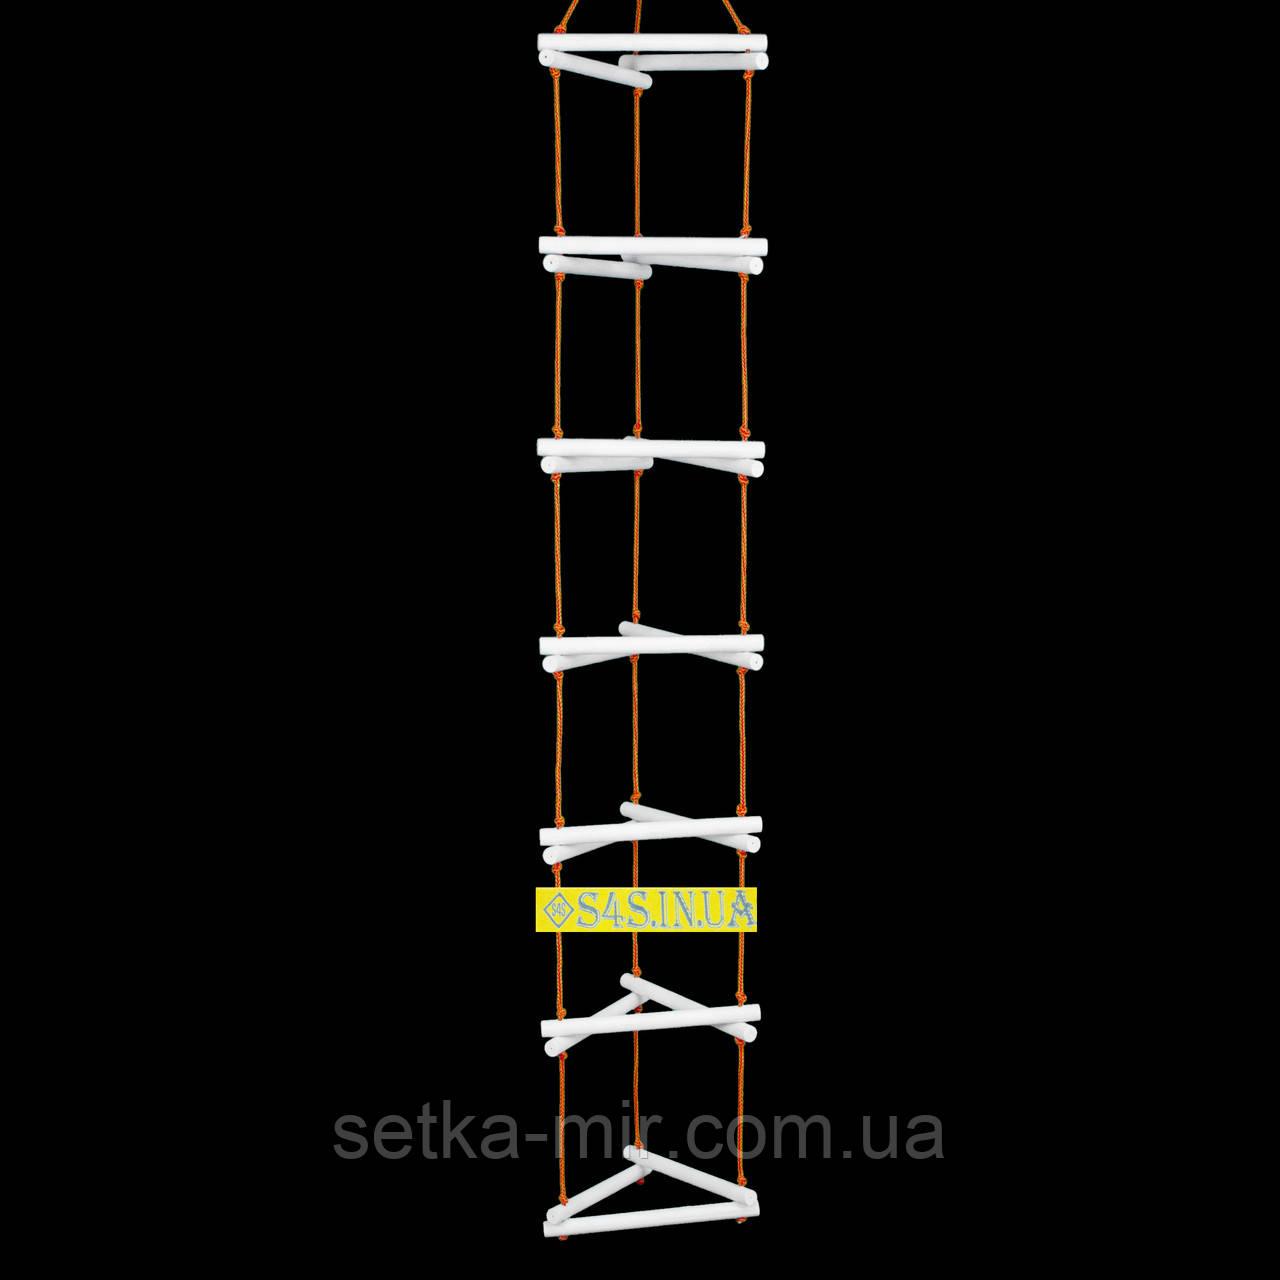 Лестница детская, подвесная, деревянная «ЁЛОЧКА. ЭЛИТ», белая